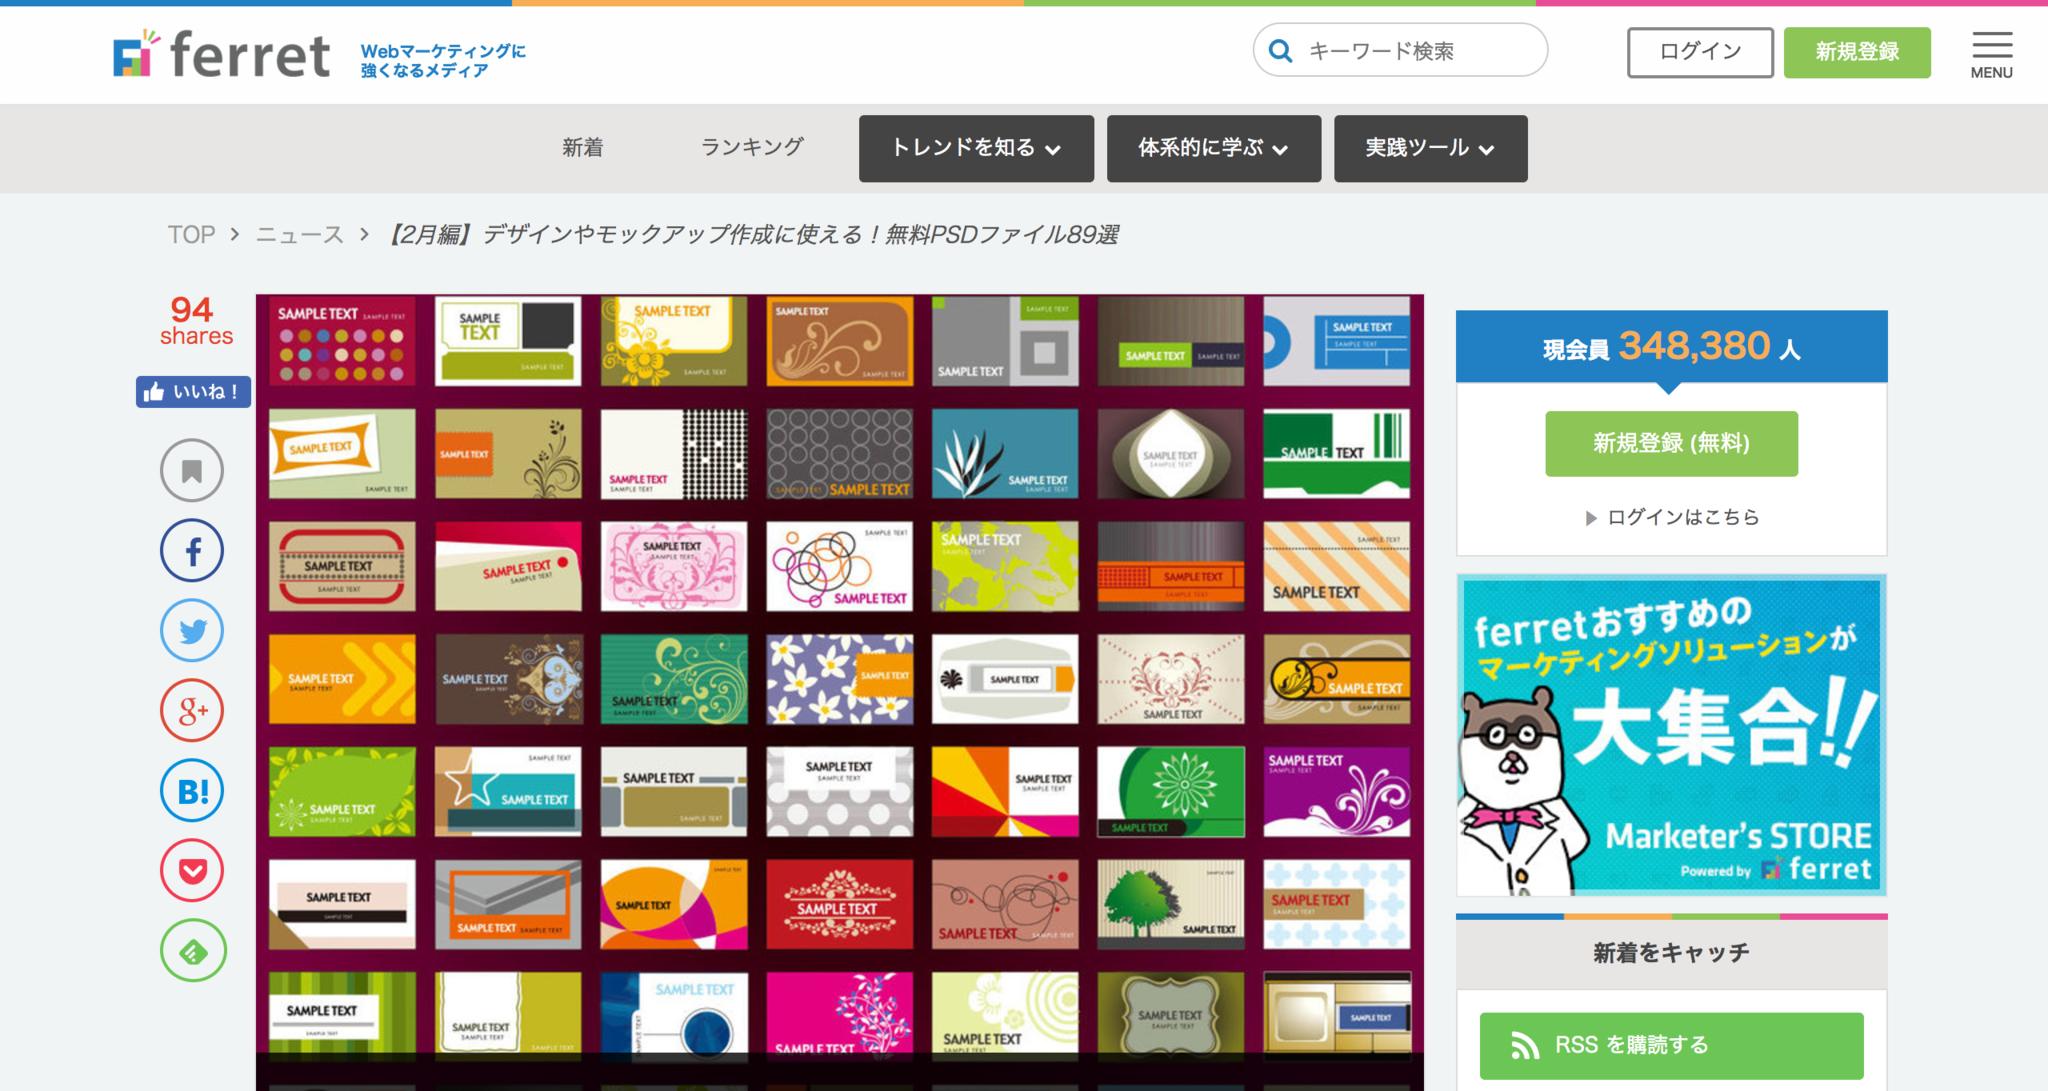 【2月編】デザインやモックアップ作成に使える!無料PSDファイル89選|ferret__フェレット_.png